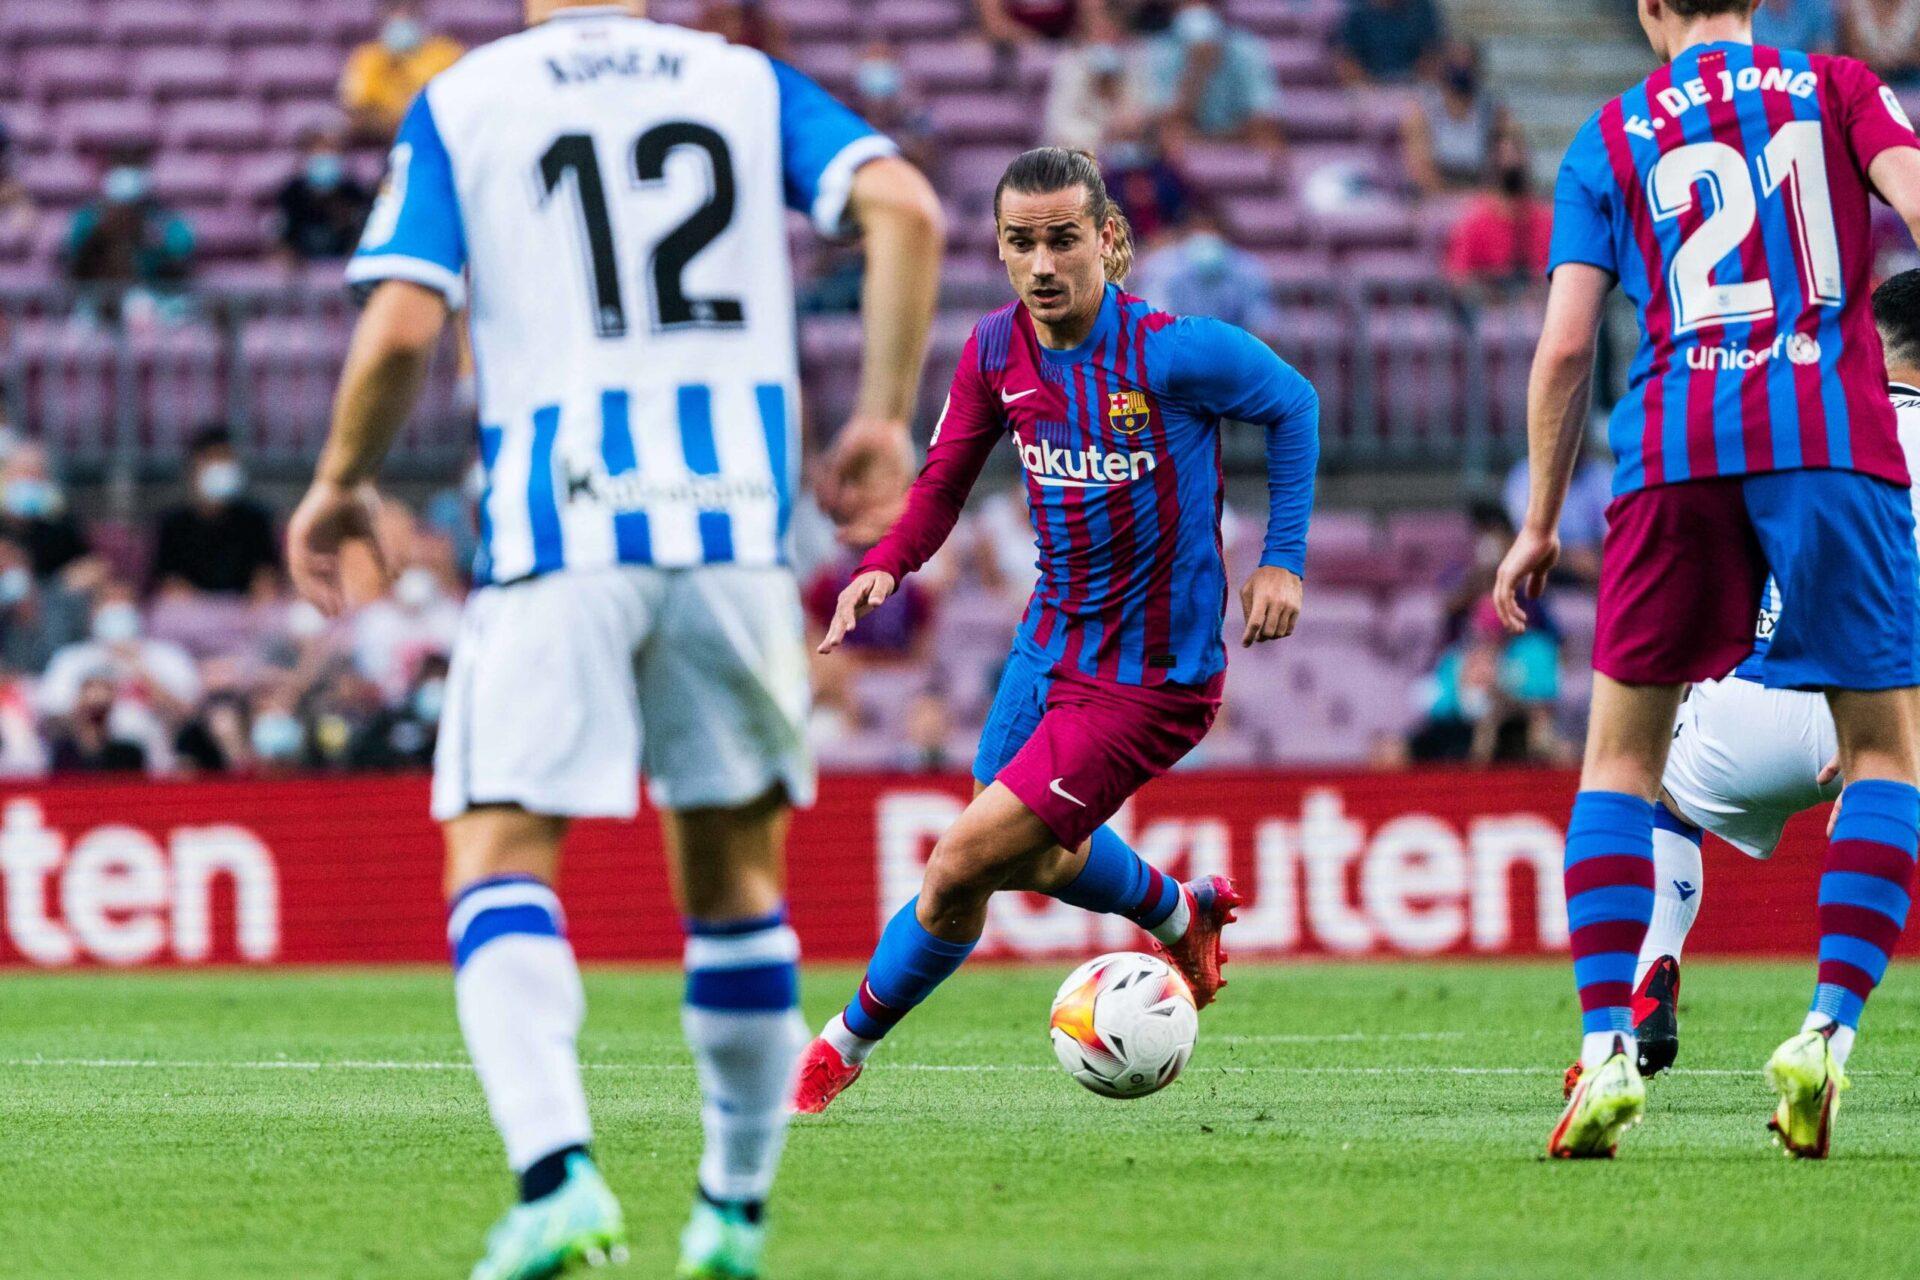 En envoyant Antoine Griezmann à l'Atlético, le FC Barcelone s'assure une économie supérieure à 60 millions d'euros (iconsport)